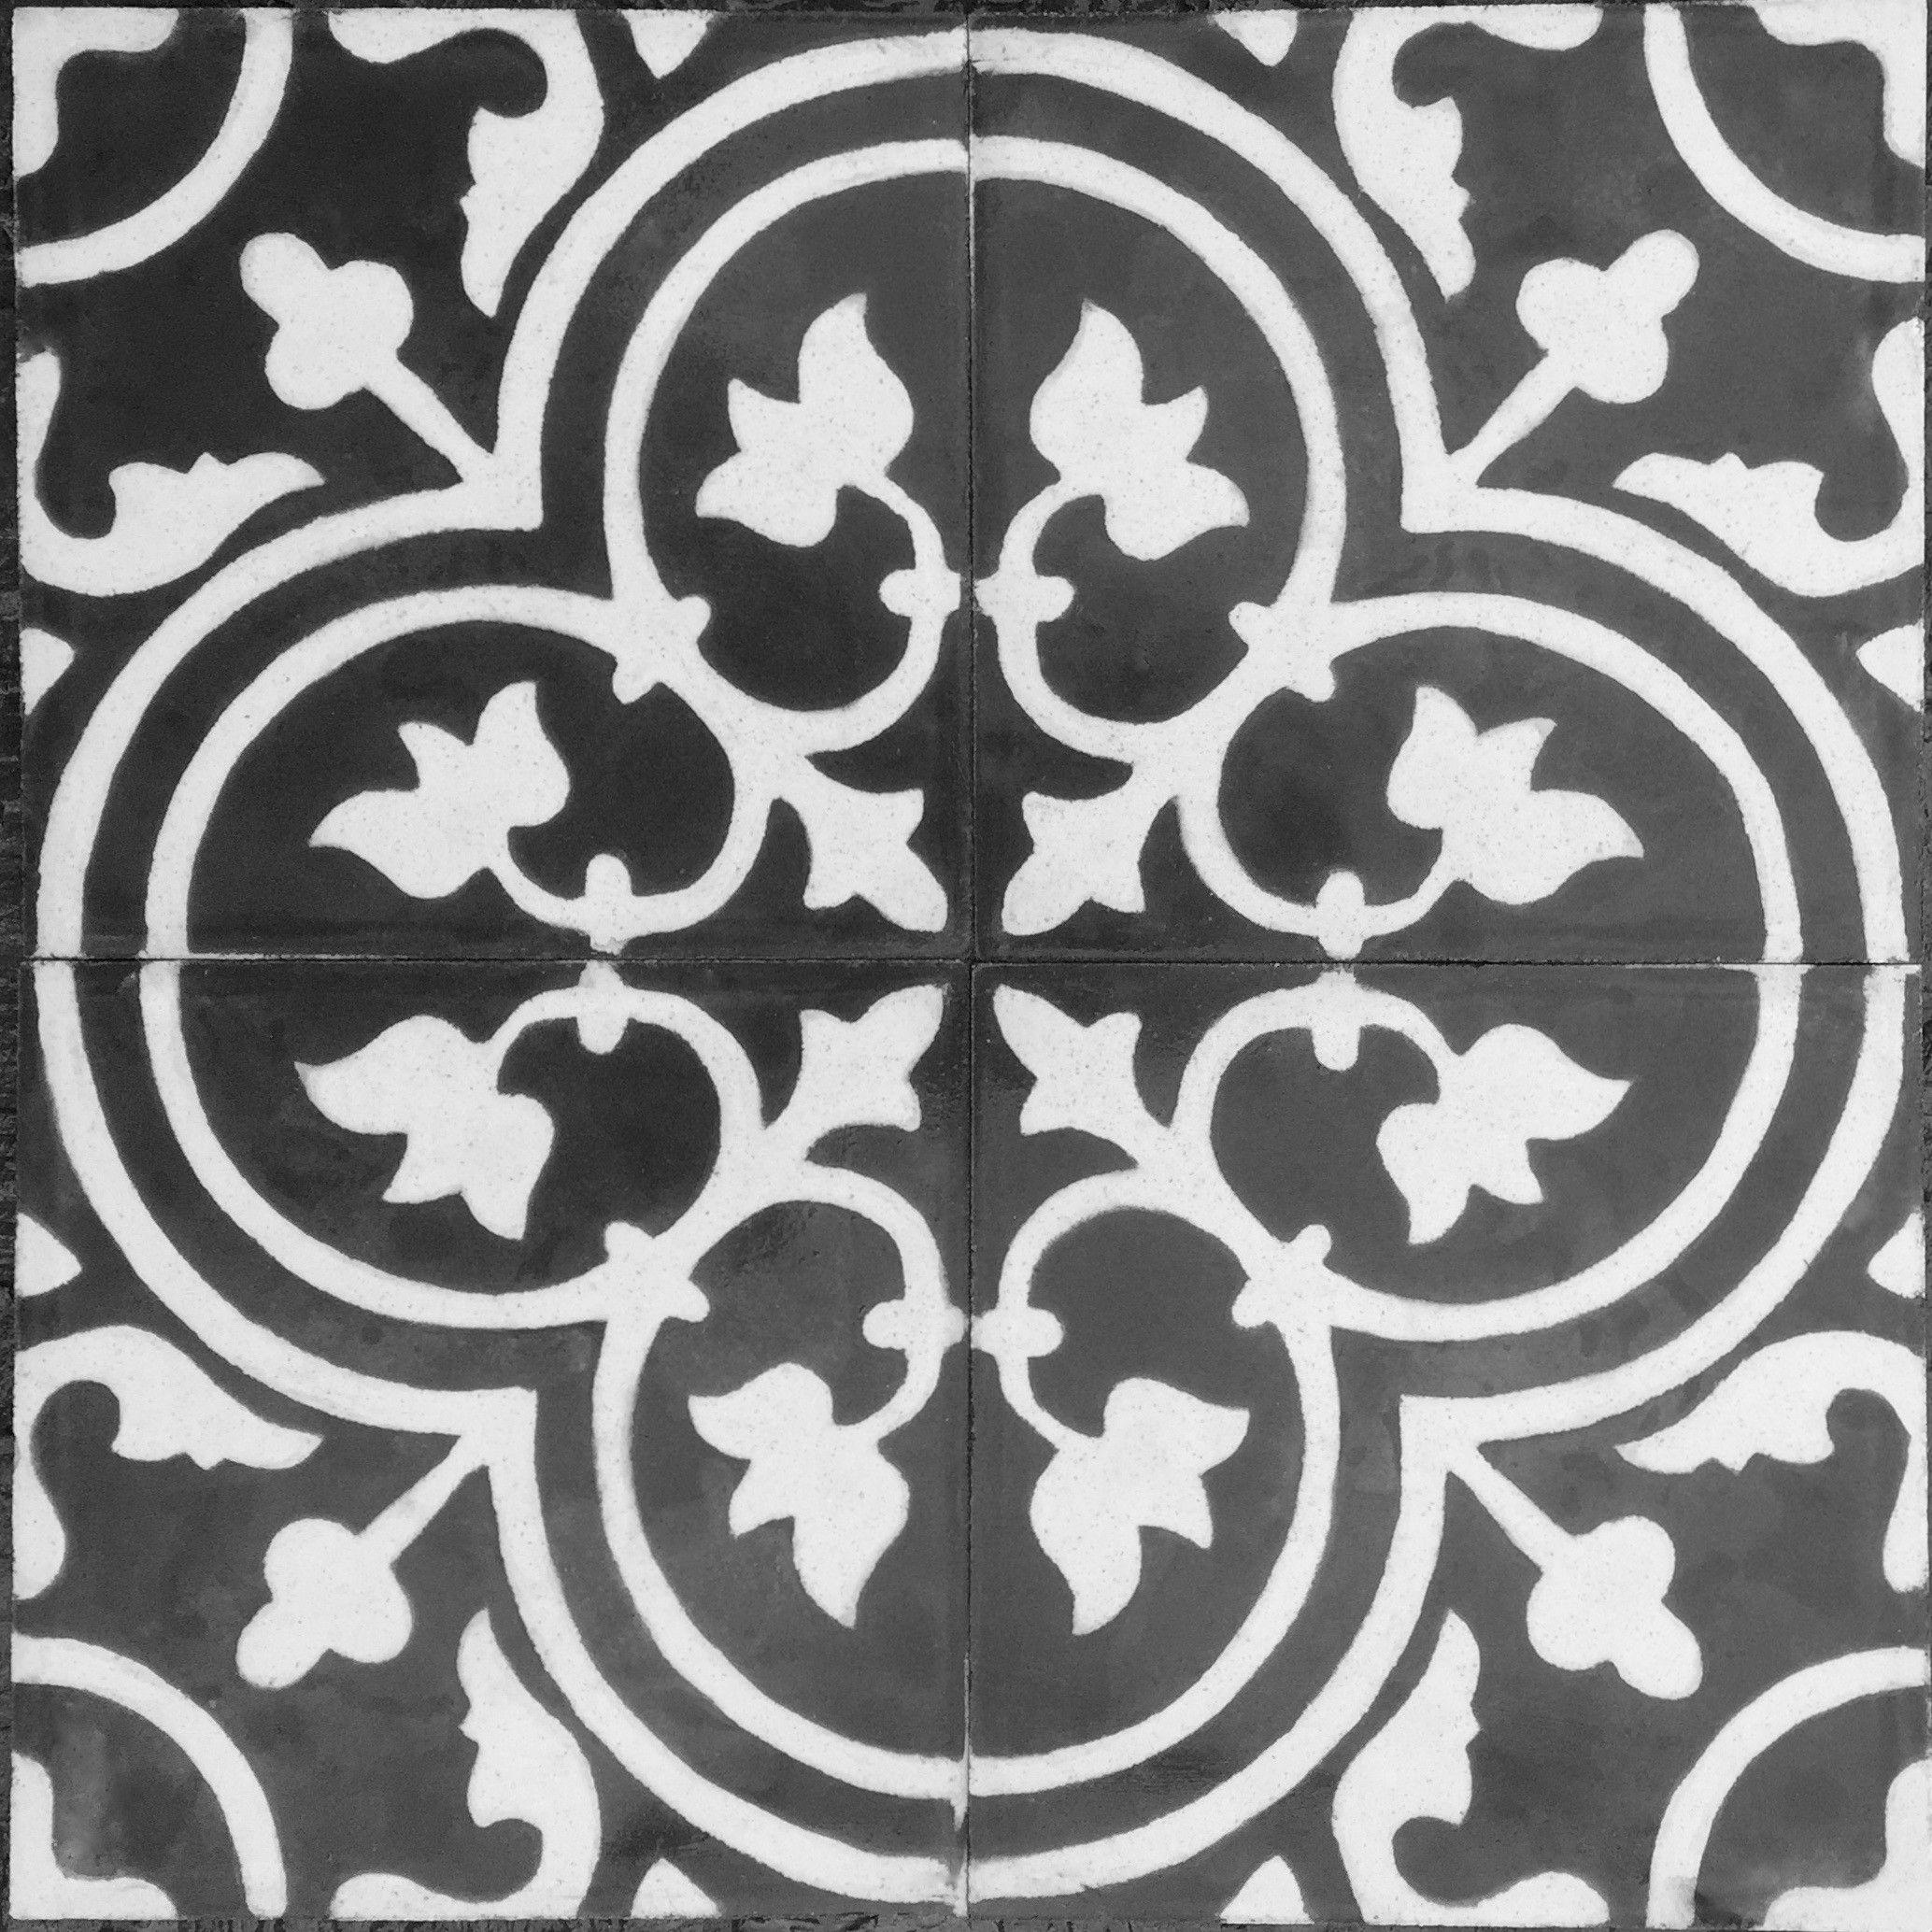 Vrai Carreau Ciment Pas Cher Lys Noir Carrelage Mosaique Et Carreau De Ciment Noir Et Blanc Avec Images Carreaux De Ciment Noir Et Blanc Carreaux Ciment Carreau De Ciment